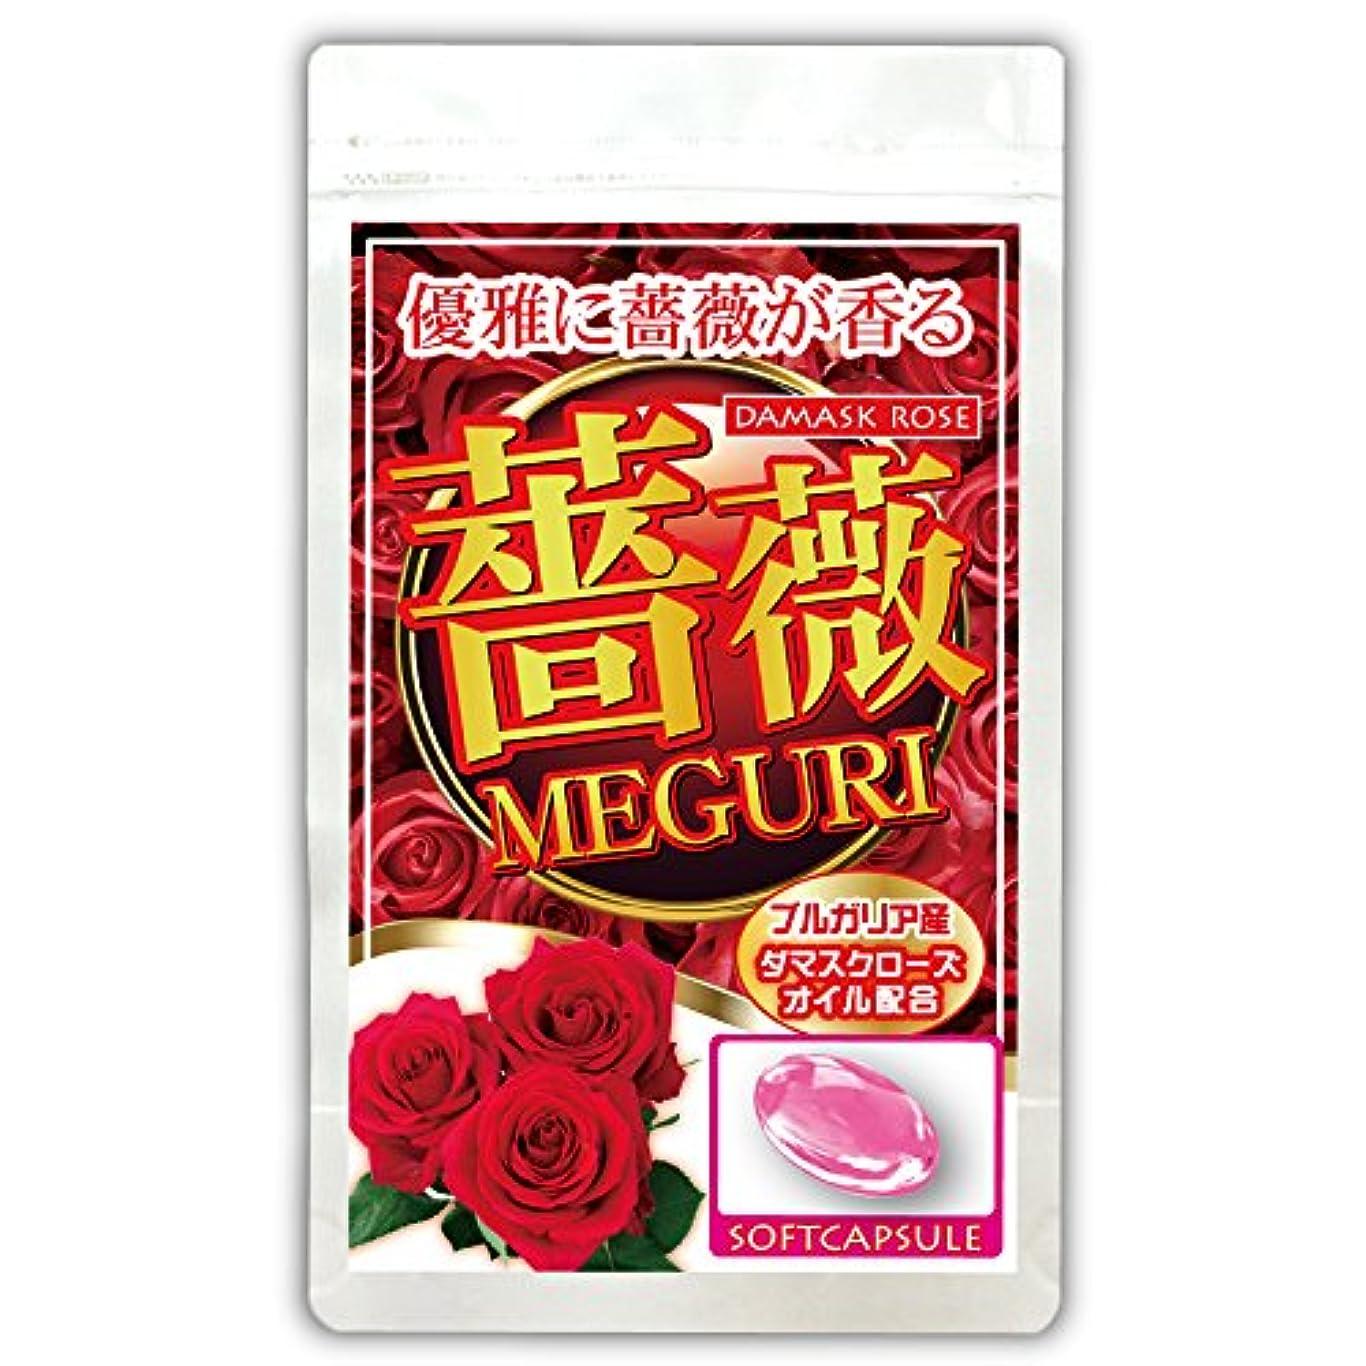 チャップパッチ誰か薔薇MEGURI(約1~2ヵ月分/62粒)